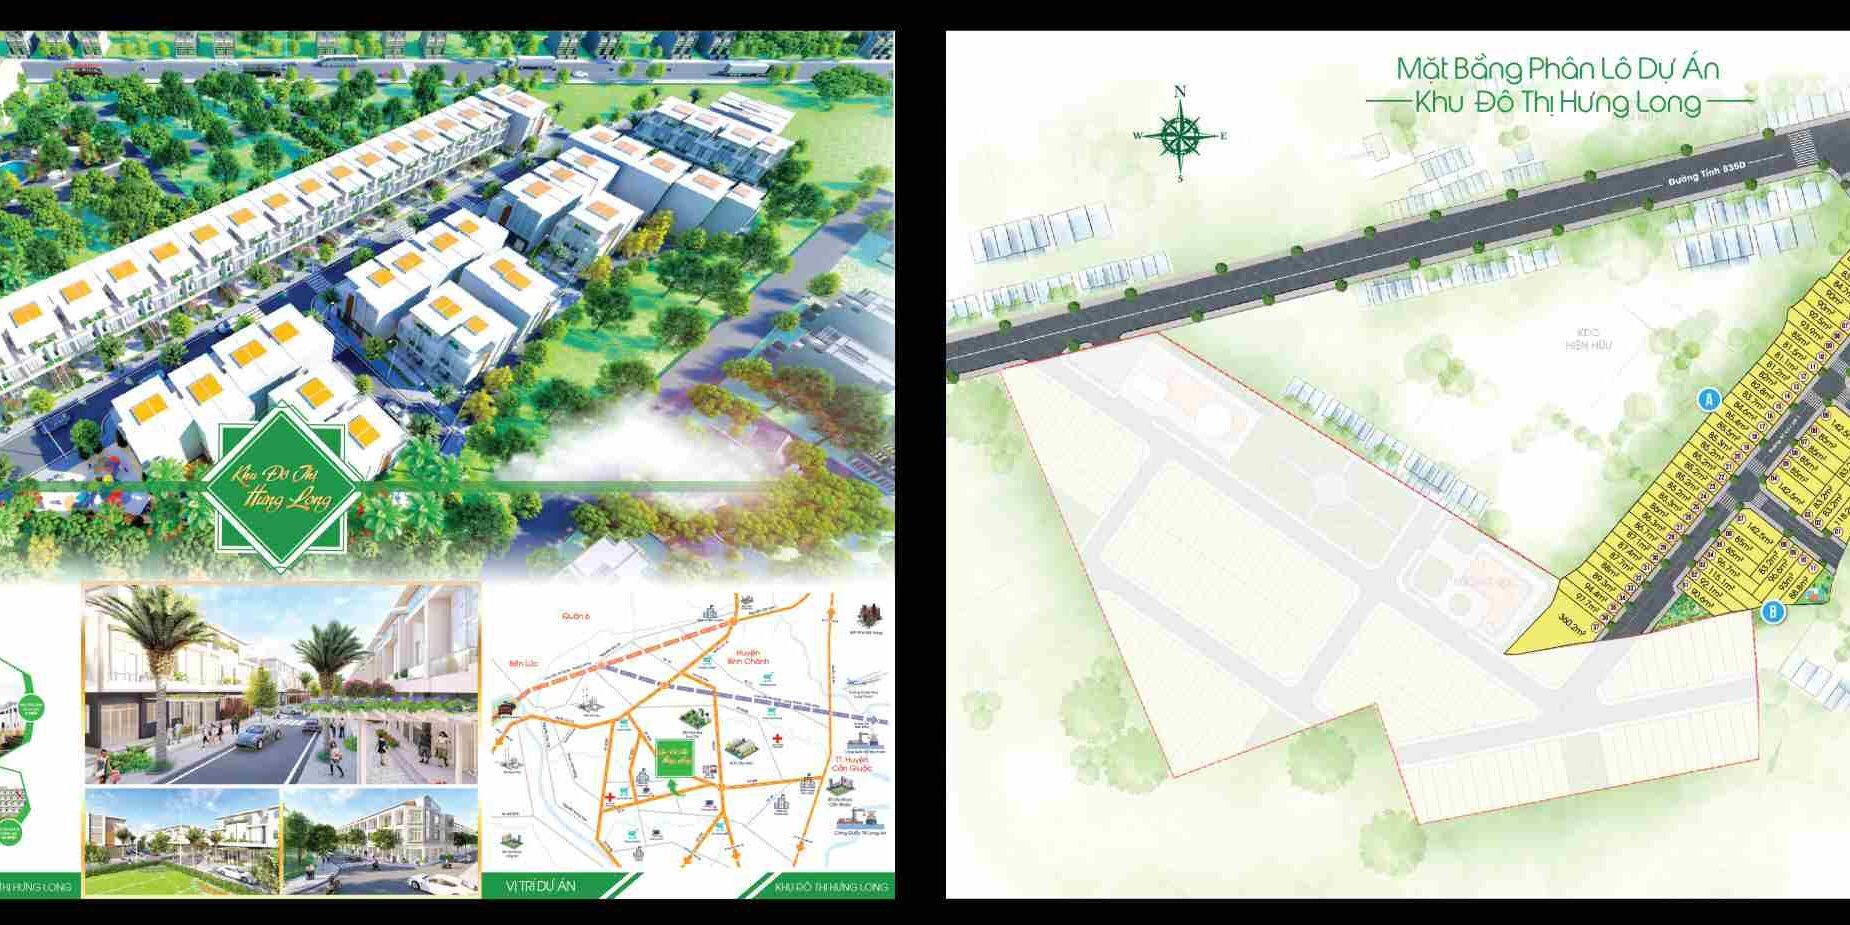 Dự án đất nền khu đô thị Hưng Long Garden Cần Đước Long An